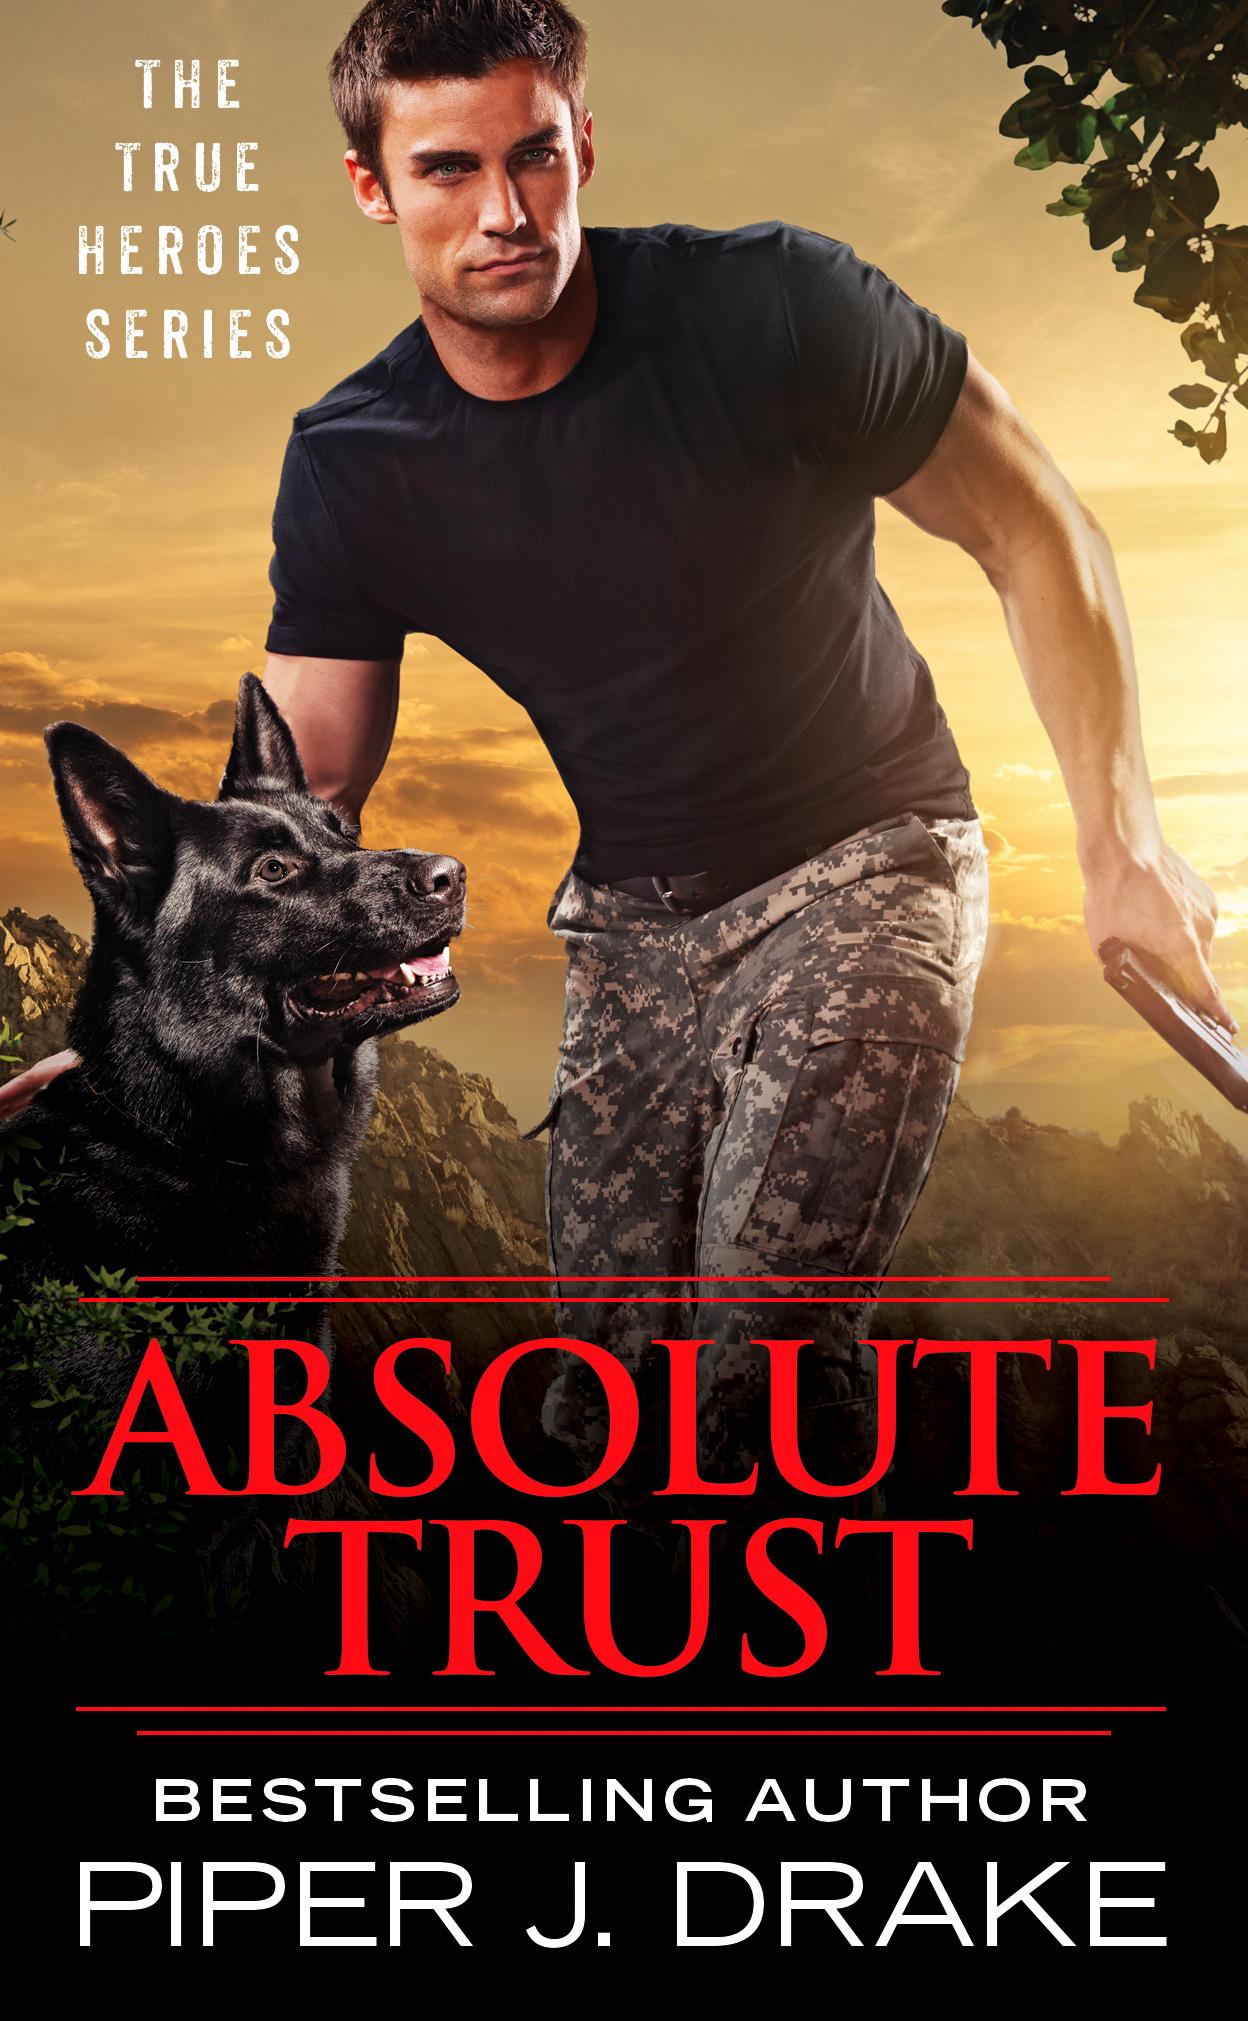 absolutetrust12_rgb300